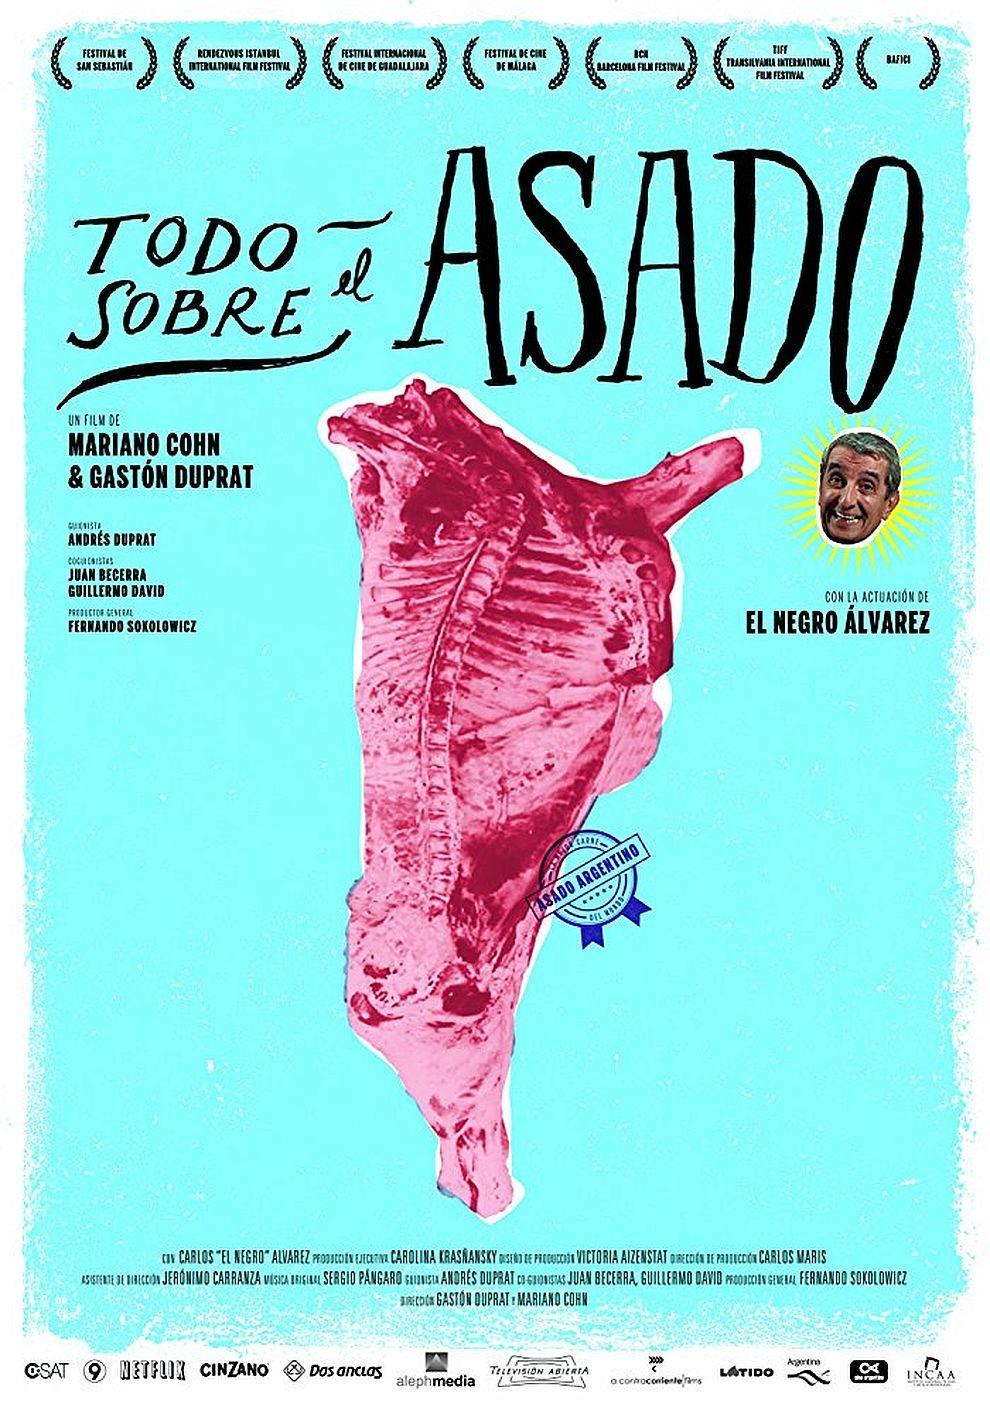 Asado - Über die Kunst des Grillens (Poster)